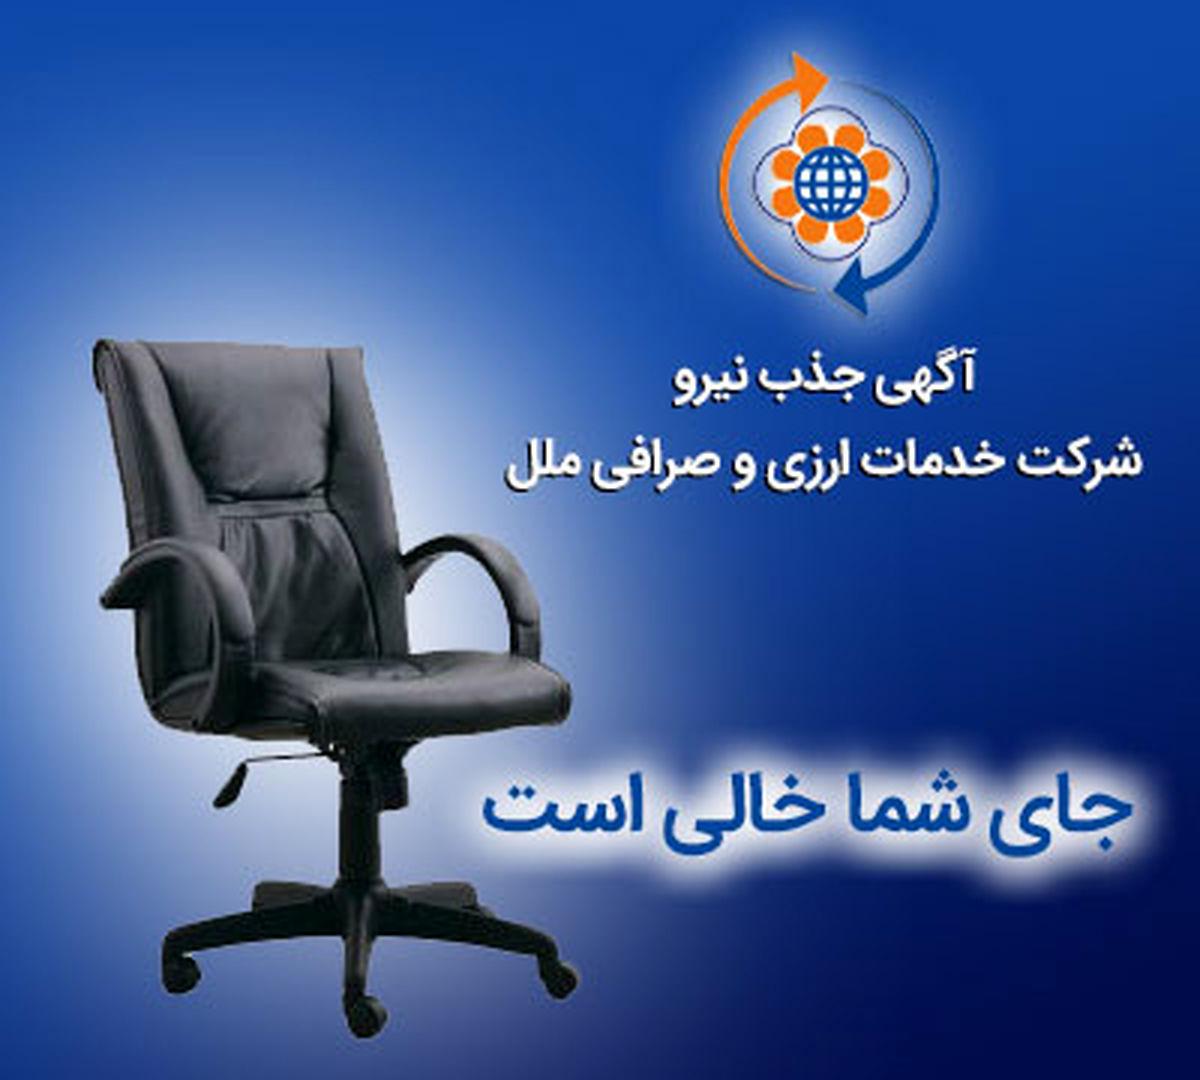 آگهی استخدام تحصیلدار شرکت خدمات ارزی و صرافی ملل